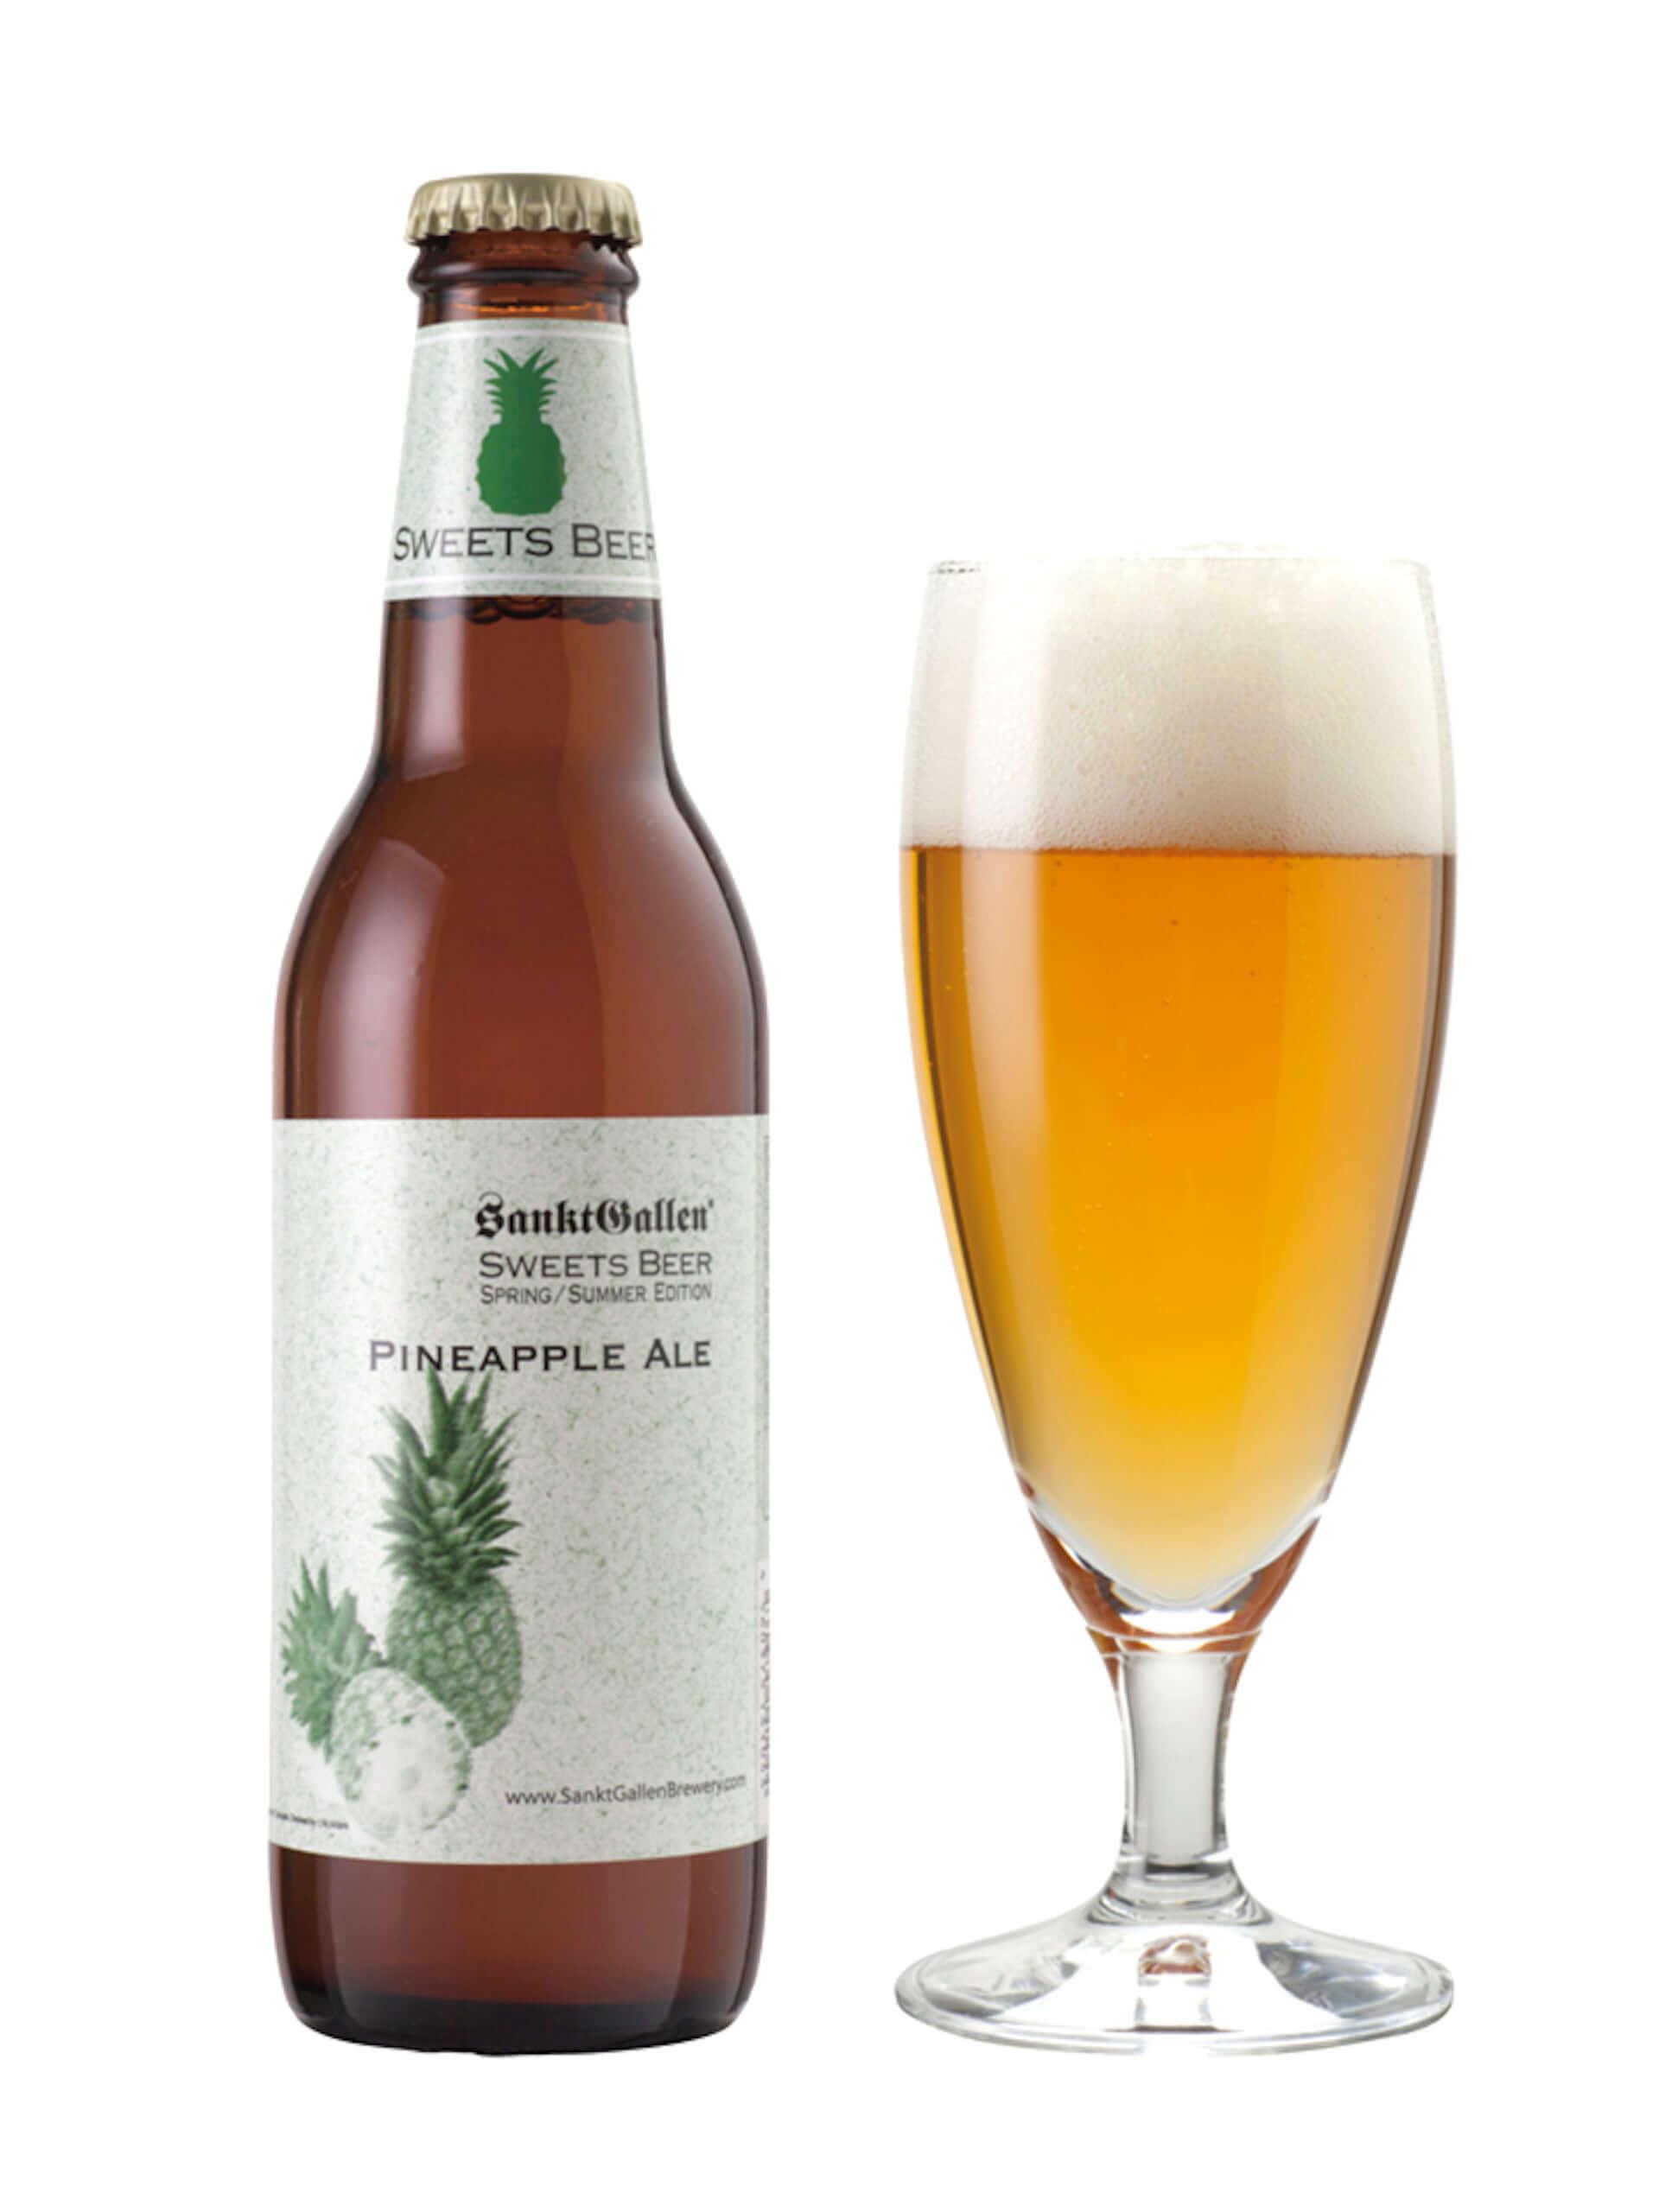 人工物を使用しないパイナップル風味のビールが登場!サンクトガーレン『パイナップルエール』が夏季限定発売決定 gourmet200414_sanktgallen_6-1920x2560